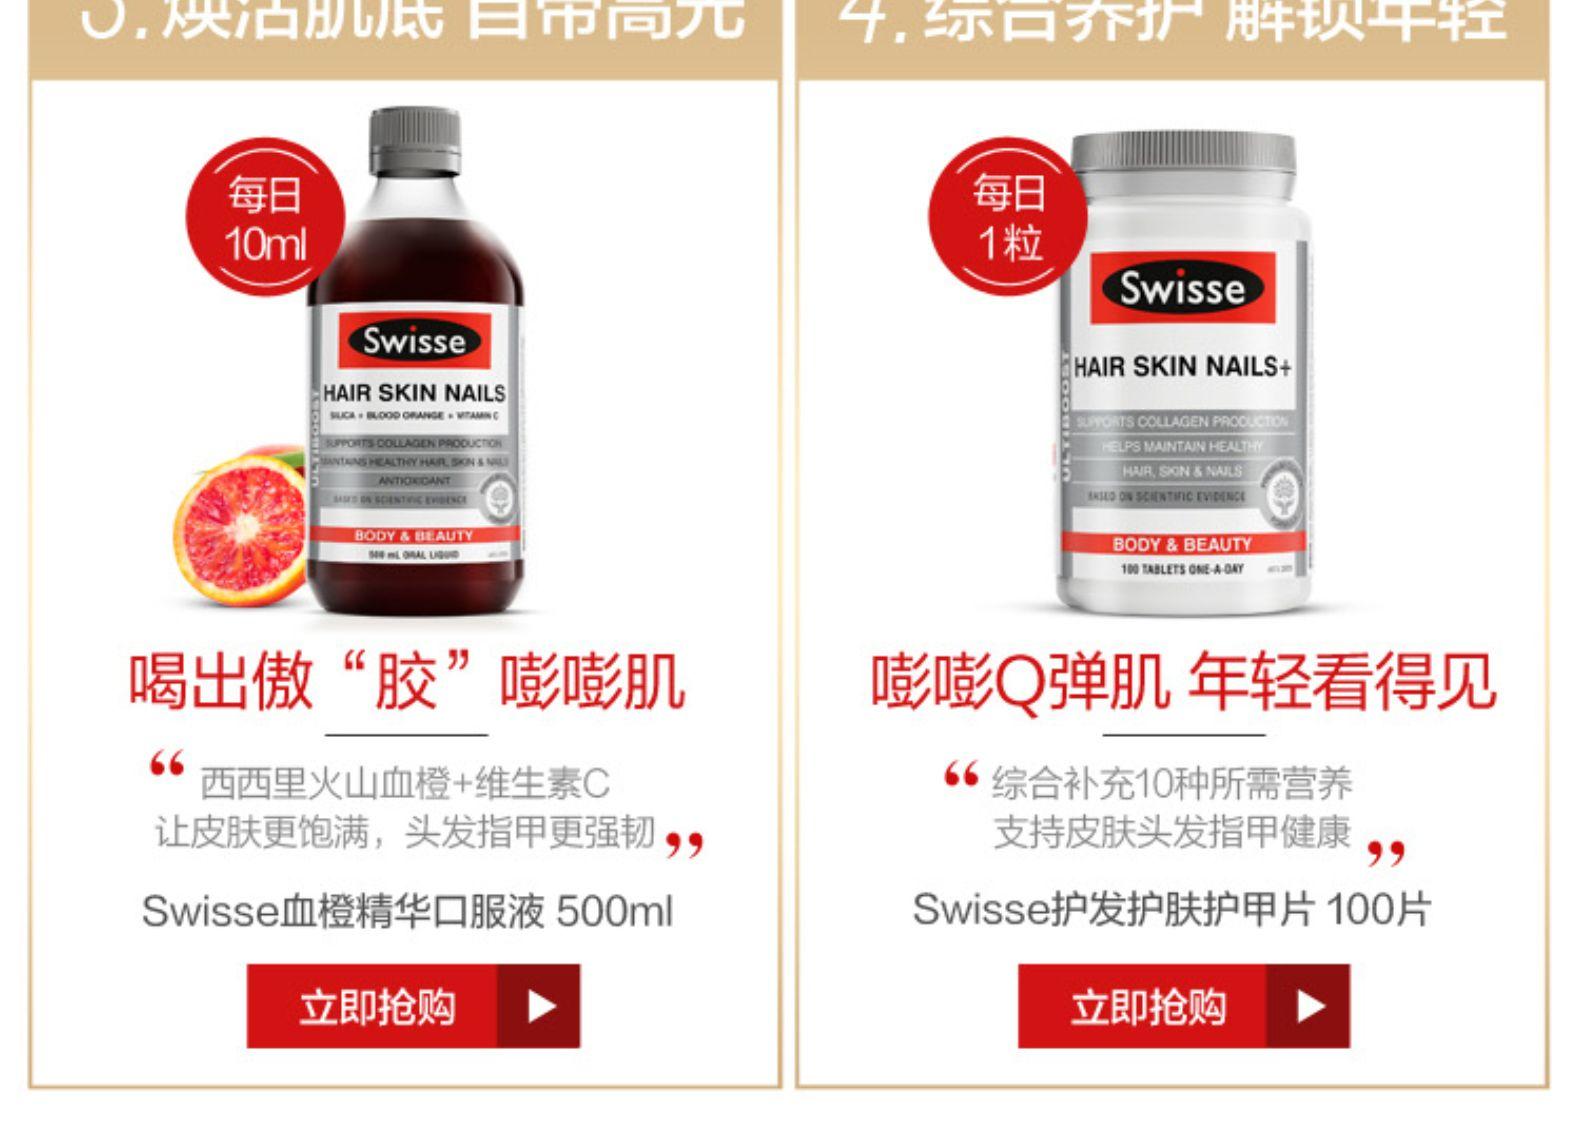 【推荐】澳洲进口Swisse斯维诗葡萄籽片180粒 抗氧化 我们的产品 第3张